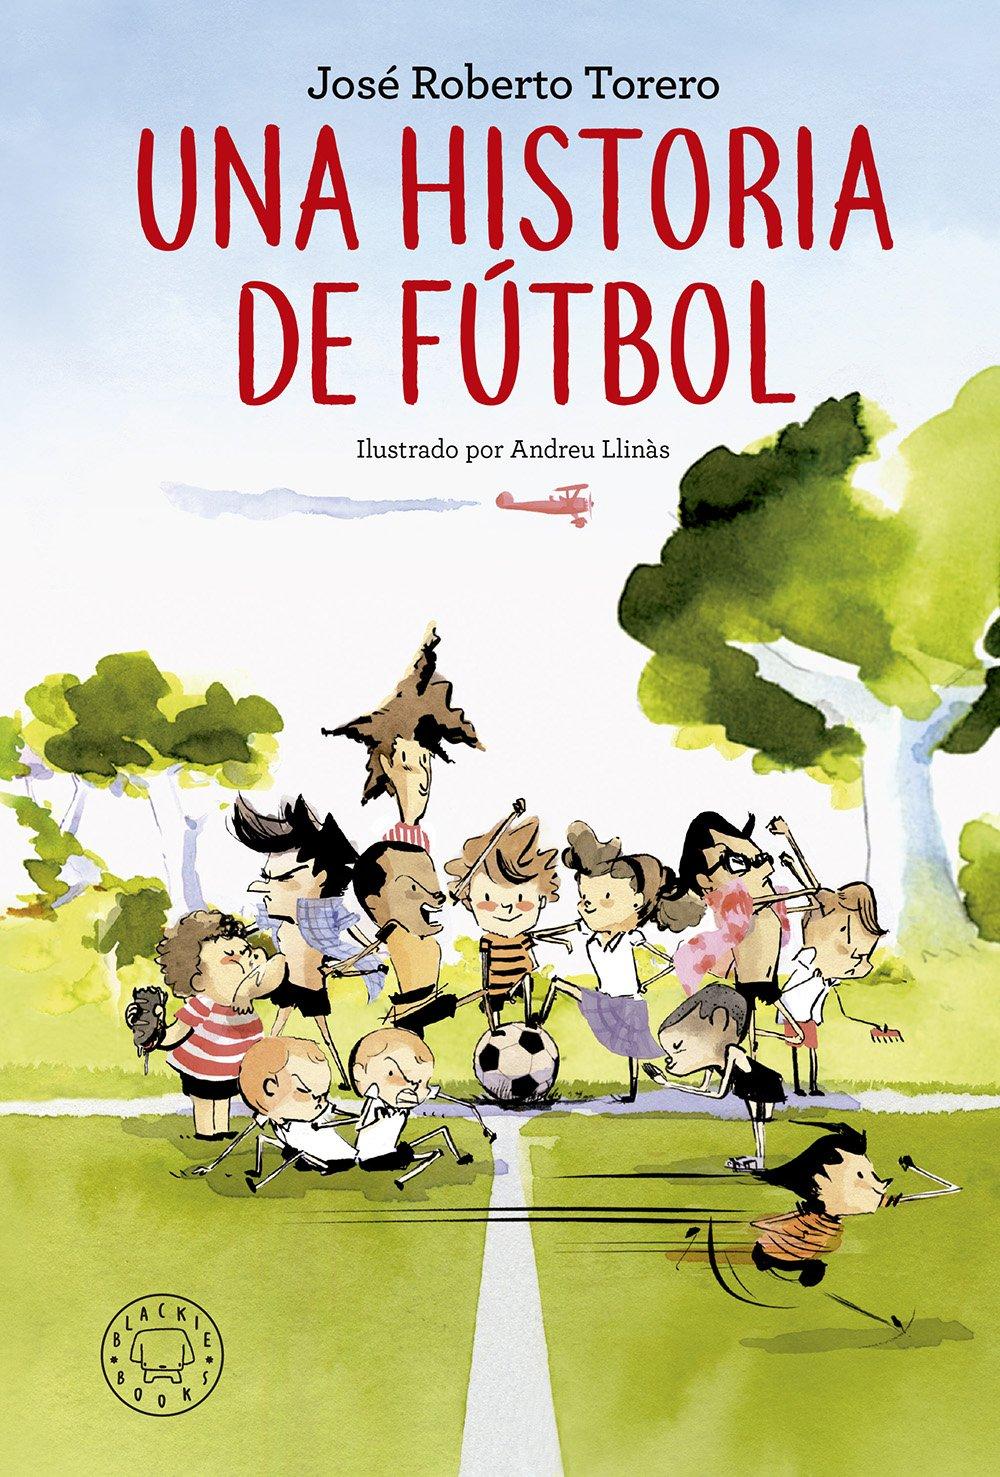 Resultado de imagen de una historia de fútbol